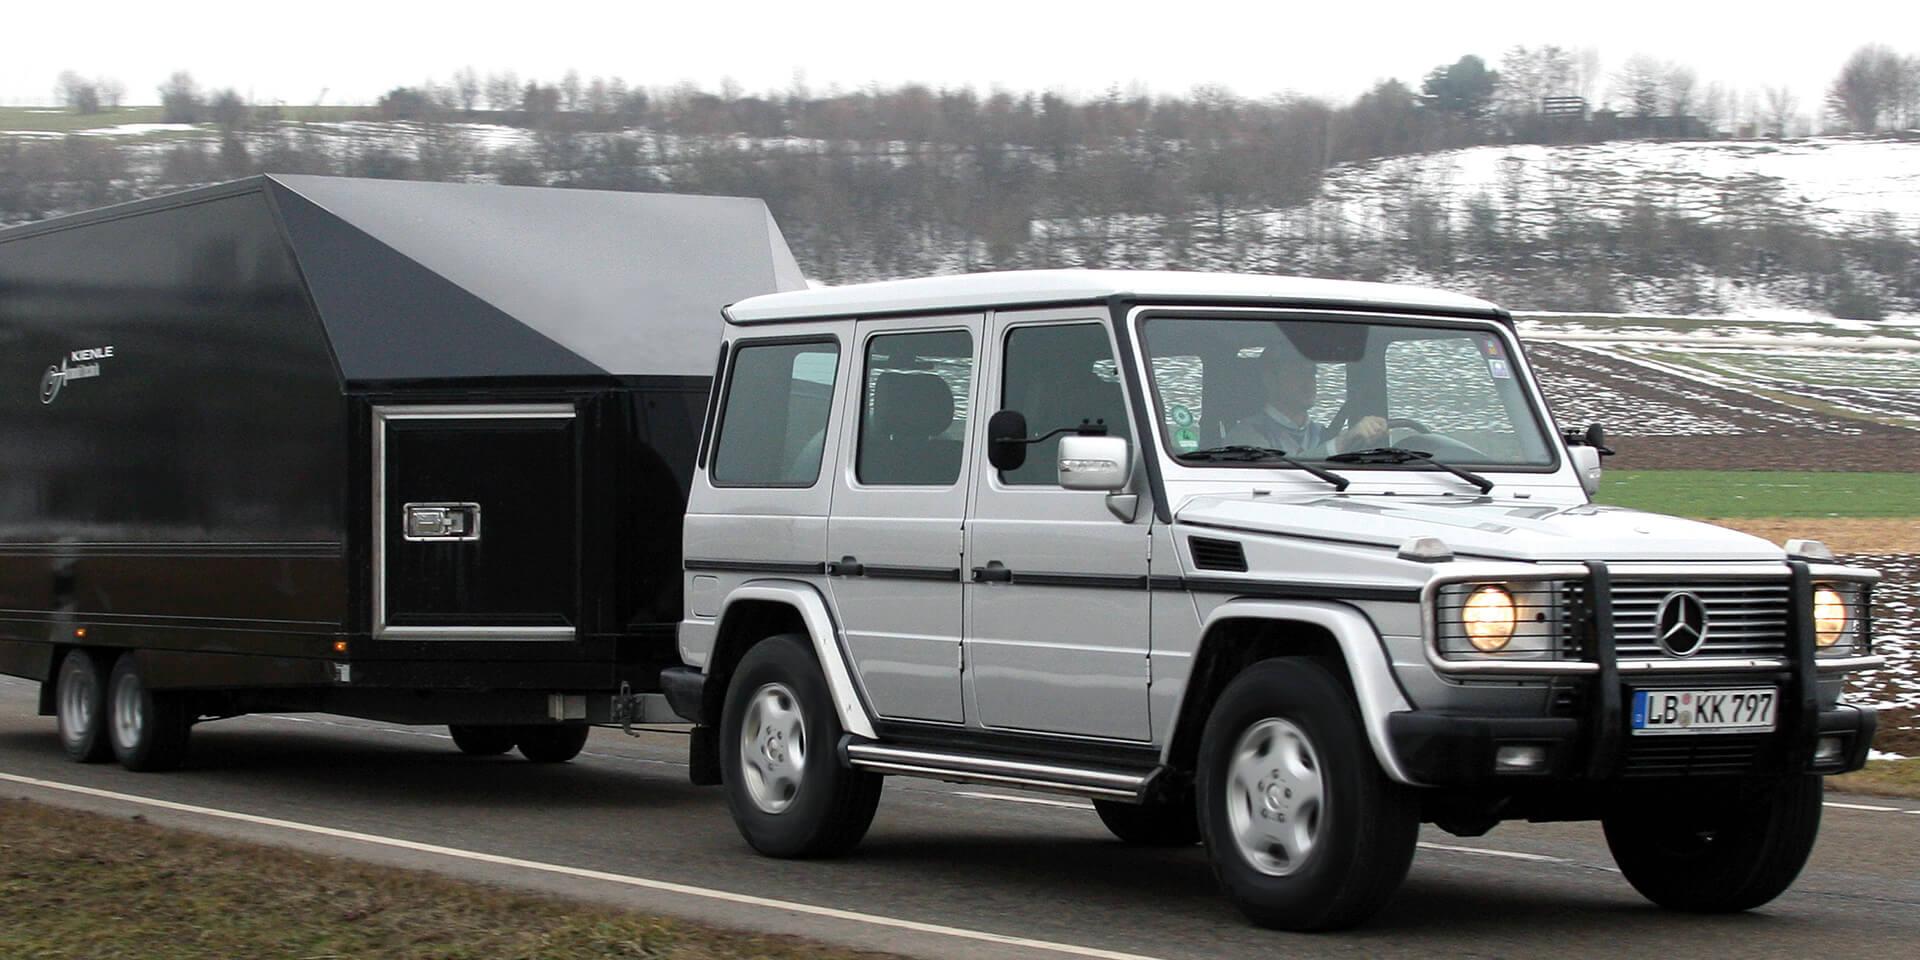 oldtimer transport zur rallye - kienle automobiltechnik